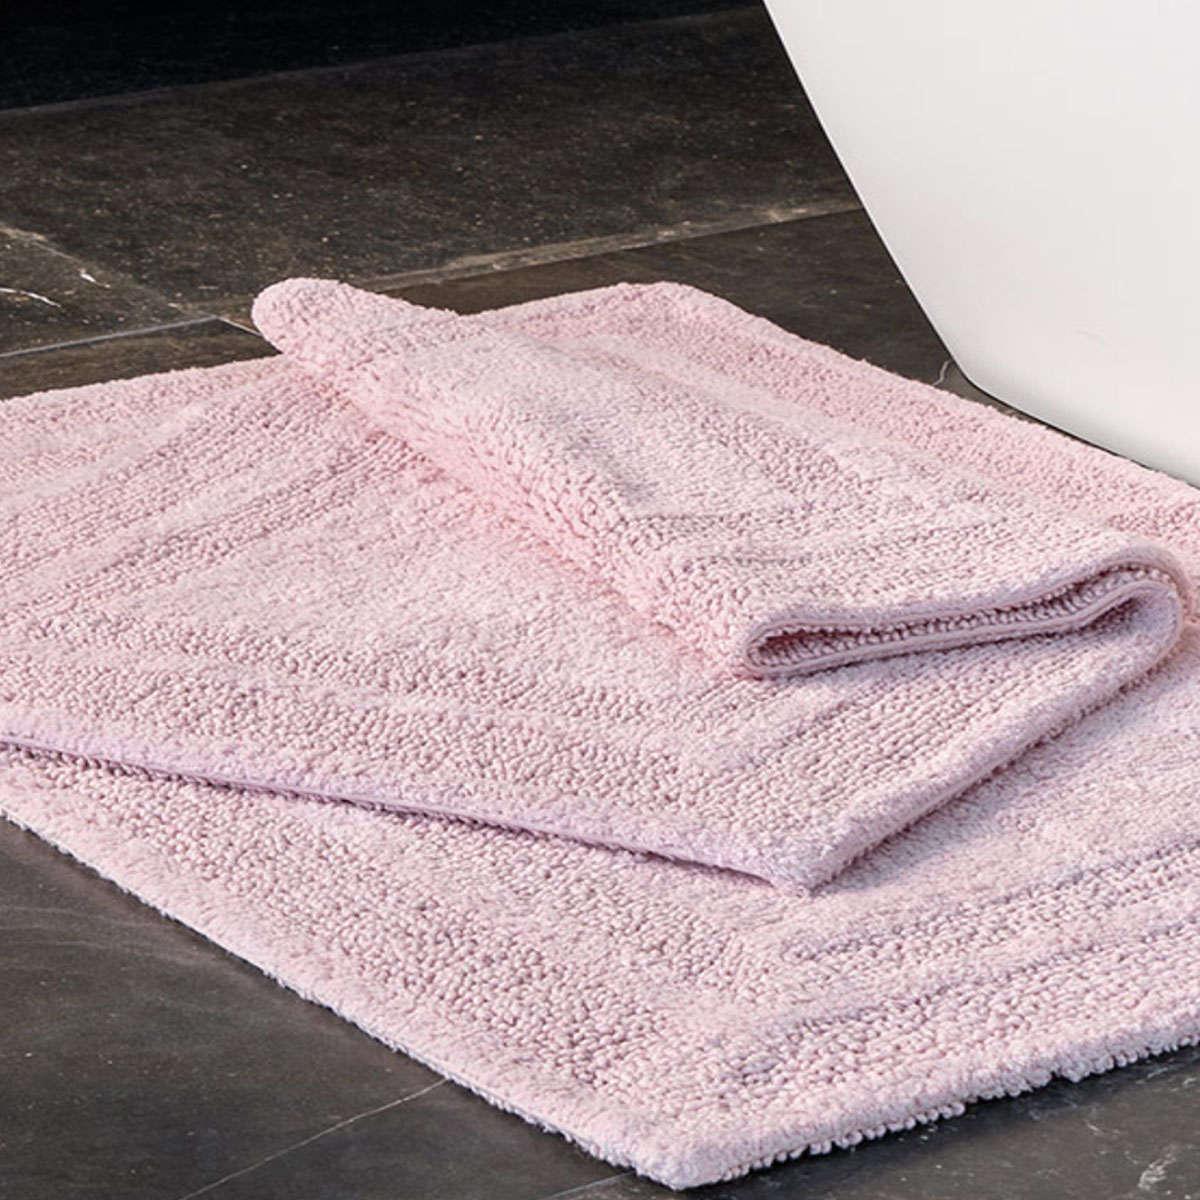 Πατάκι Μπάνιου Marty 14 Pink Διπλής Όψης Kentia X-Large 80x130cm